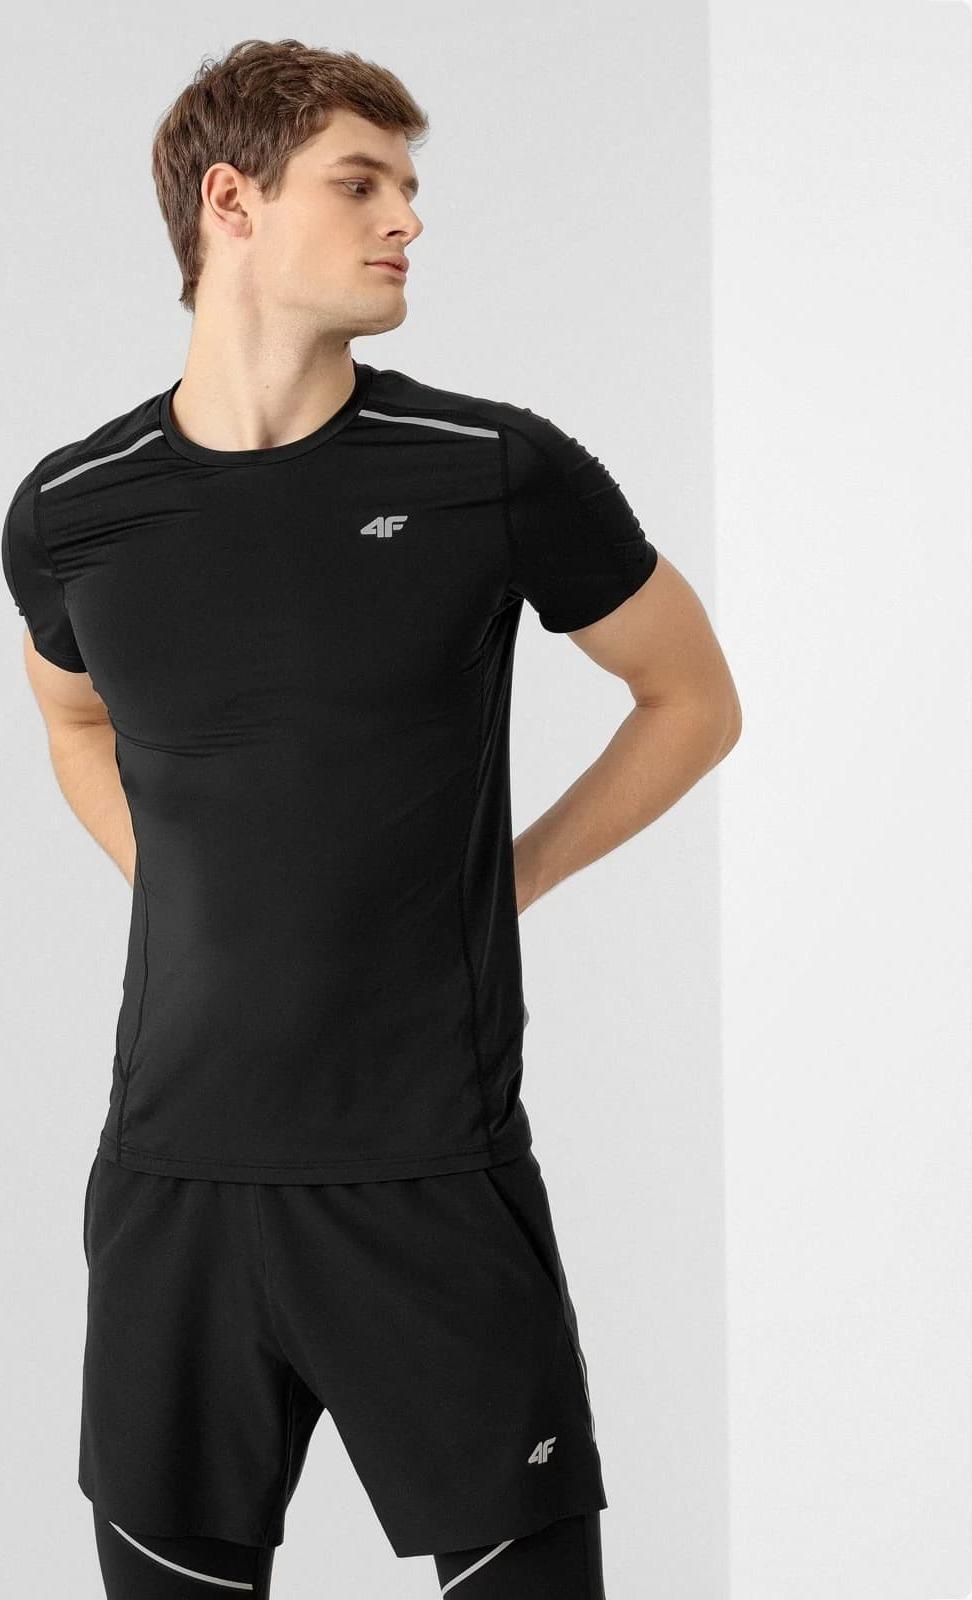 Pánské běžecké tričko 4F TSMF010 Černé